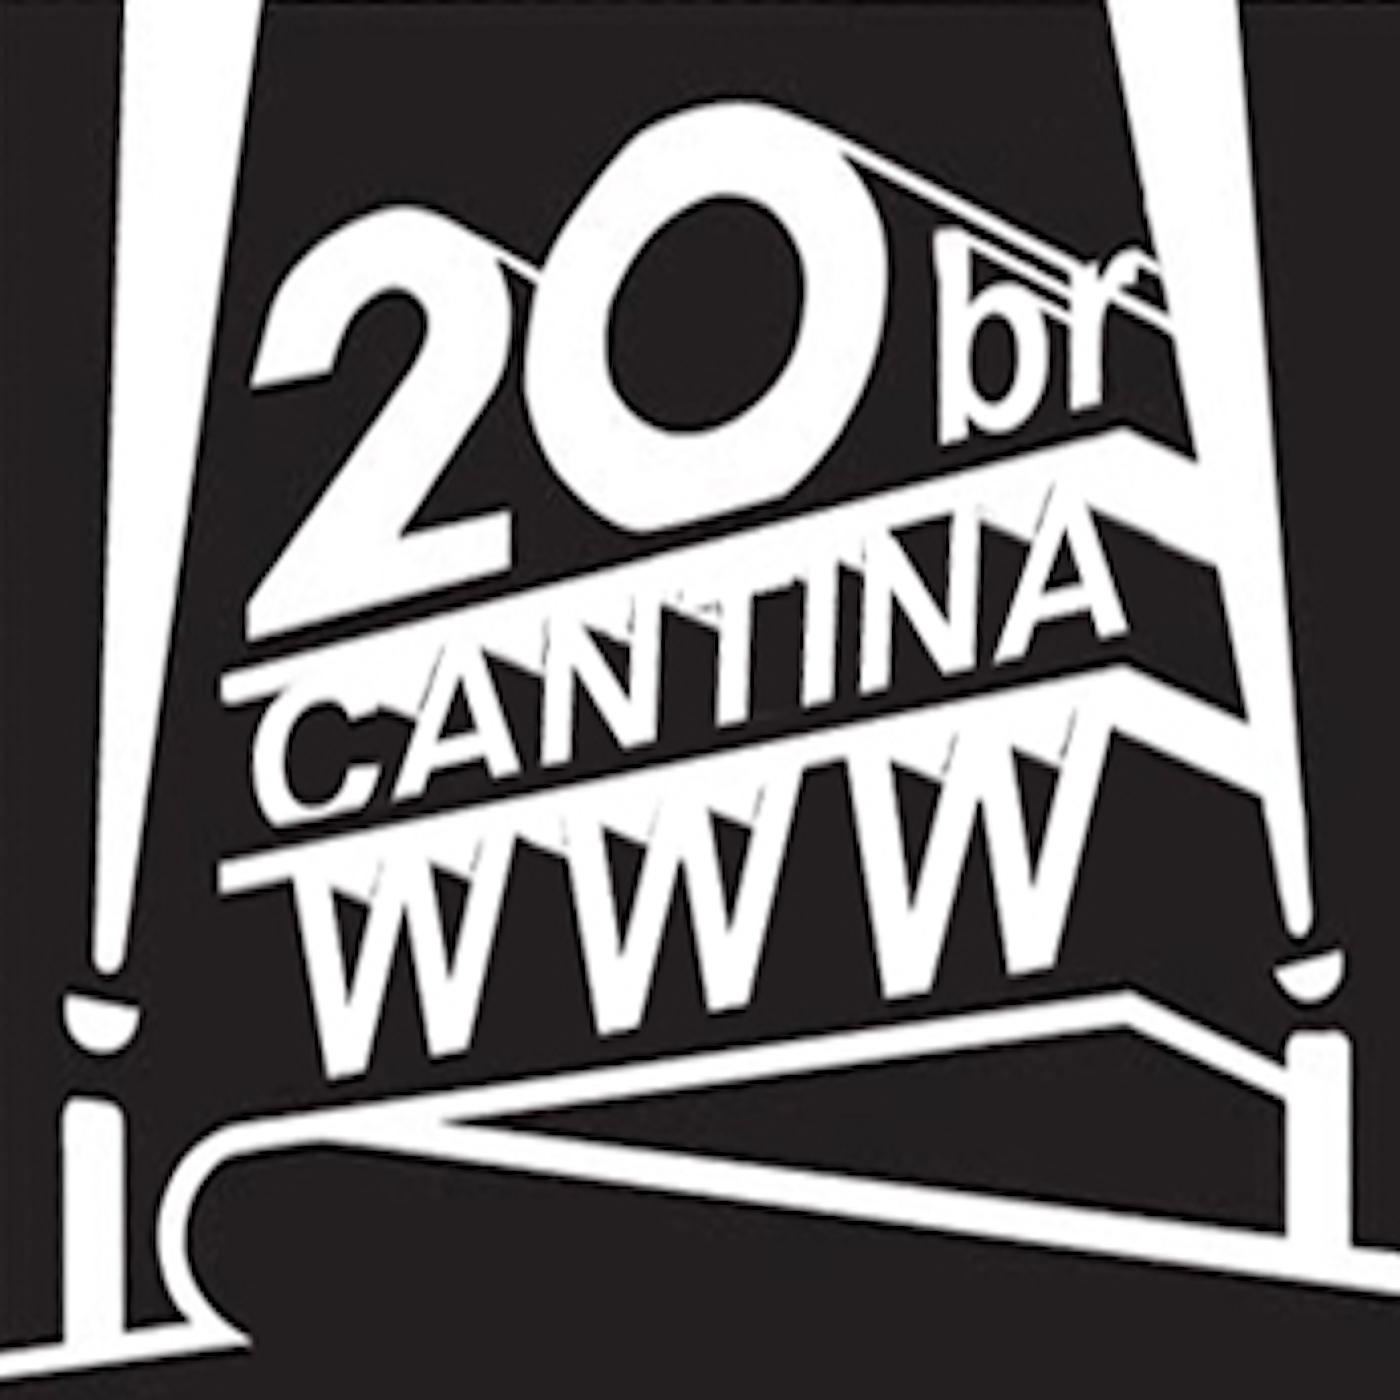 Cantina20